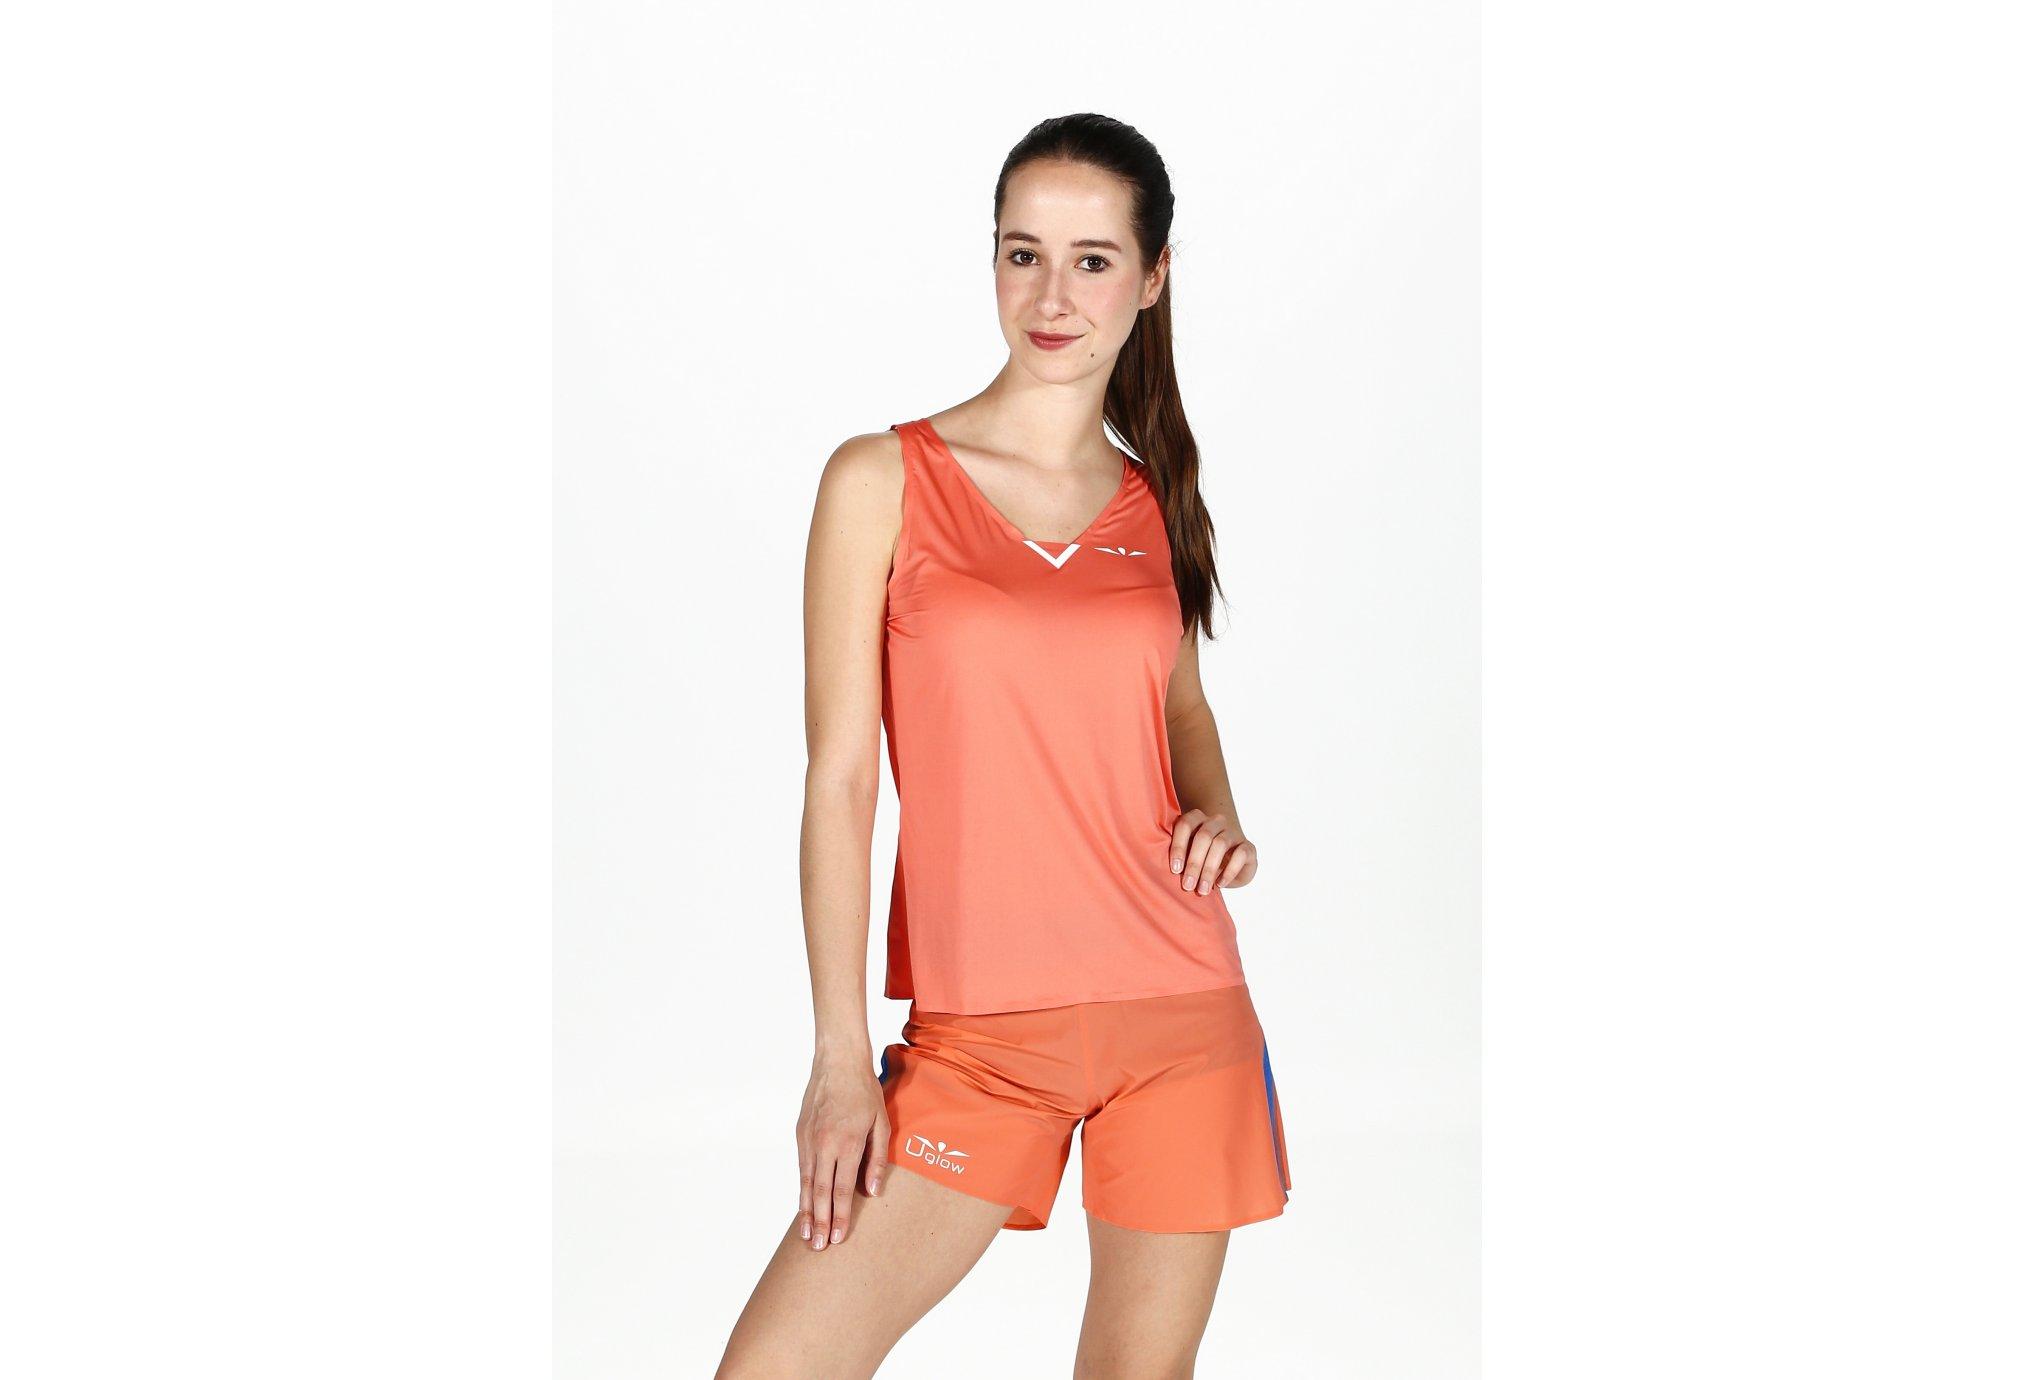 Uglow Top W Diététique Vêtements femme